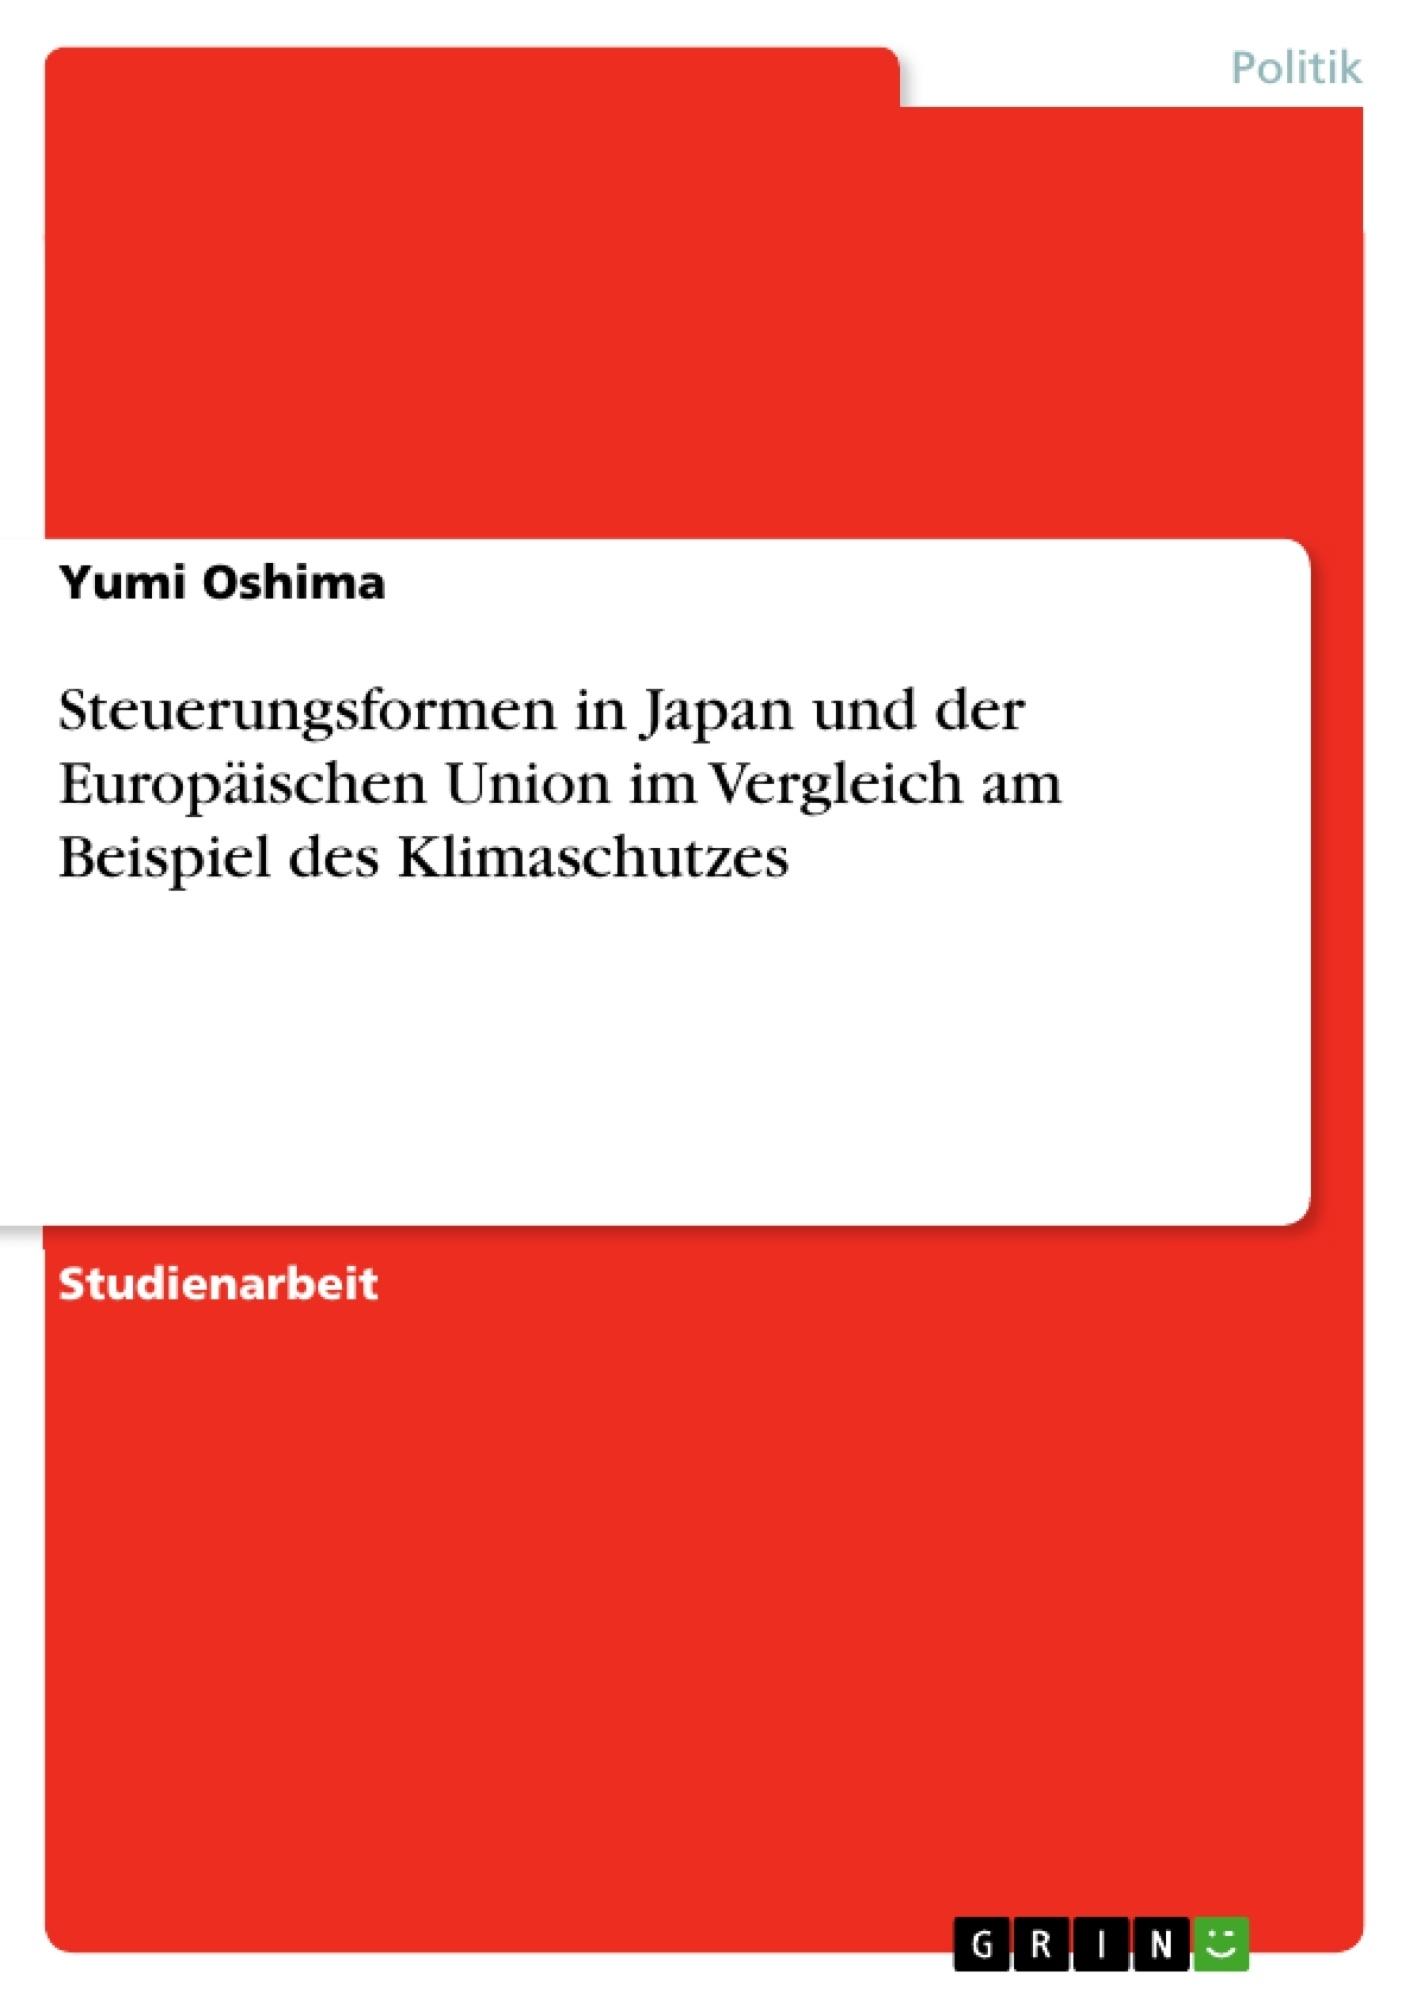 Titel: Steuerungsformen in Japan und der Europäischen Union im Vergleich am Beispiel des Klimaschutzes